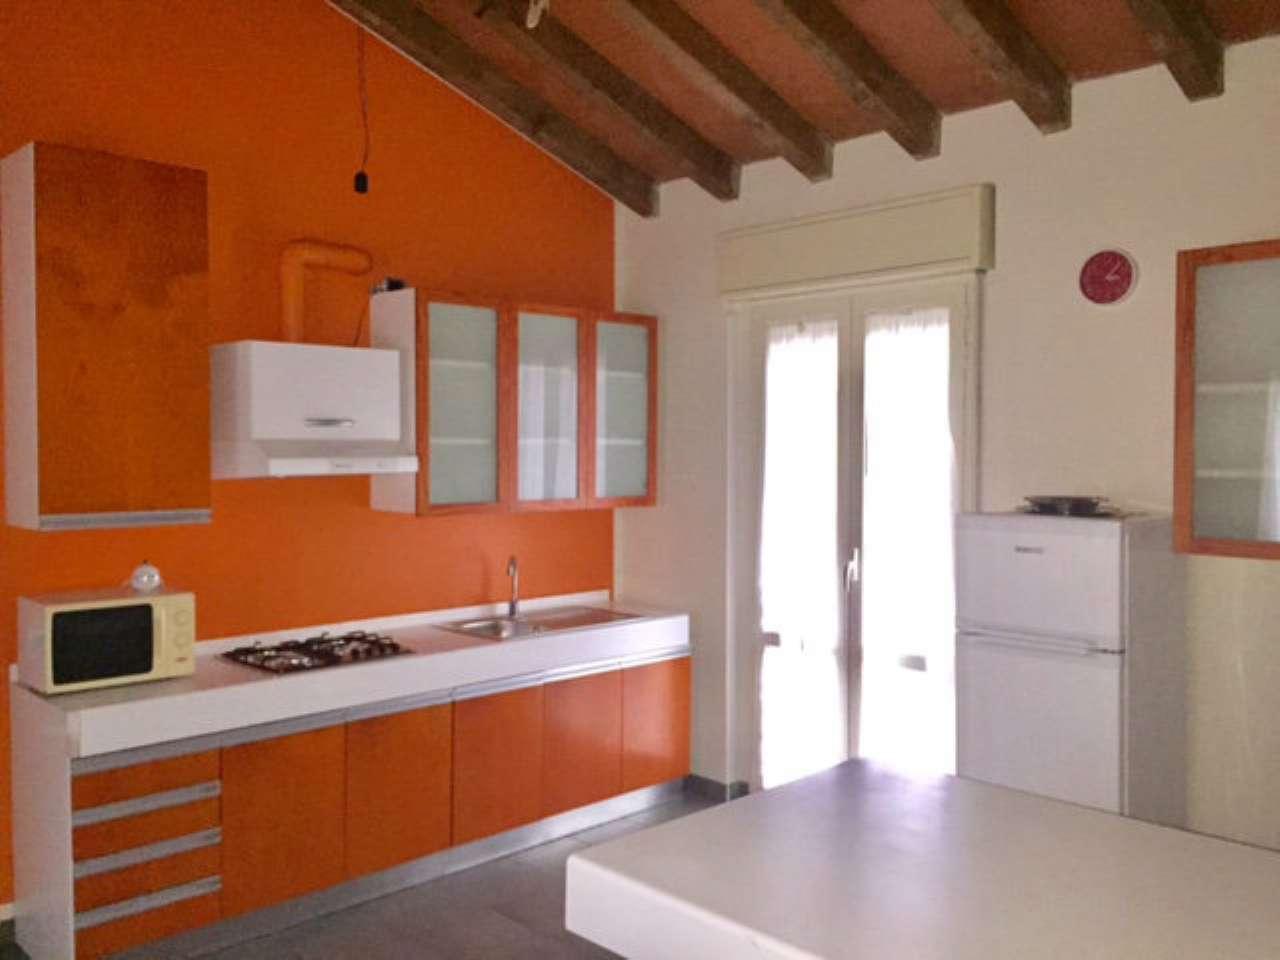 Appartamento in affitto a Garlasco, 2 locali, prezzo € 380 | Cambio Casa.it